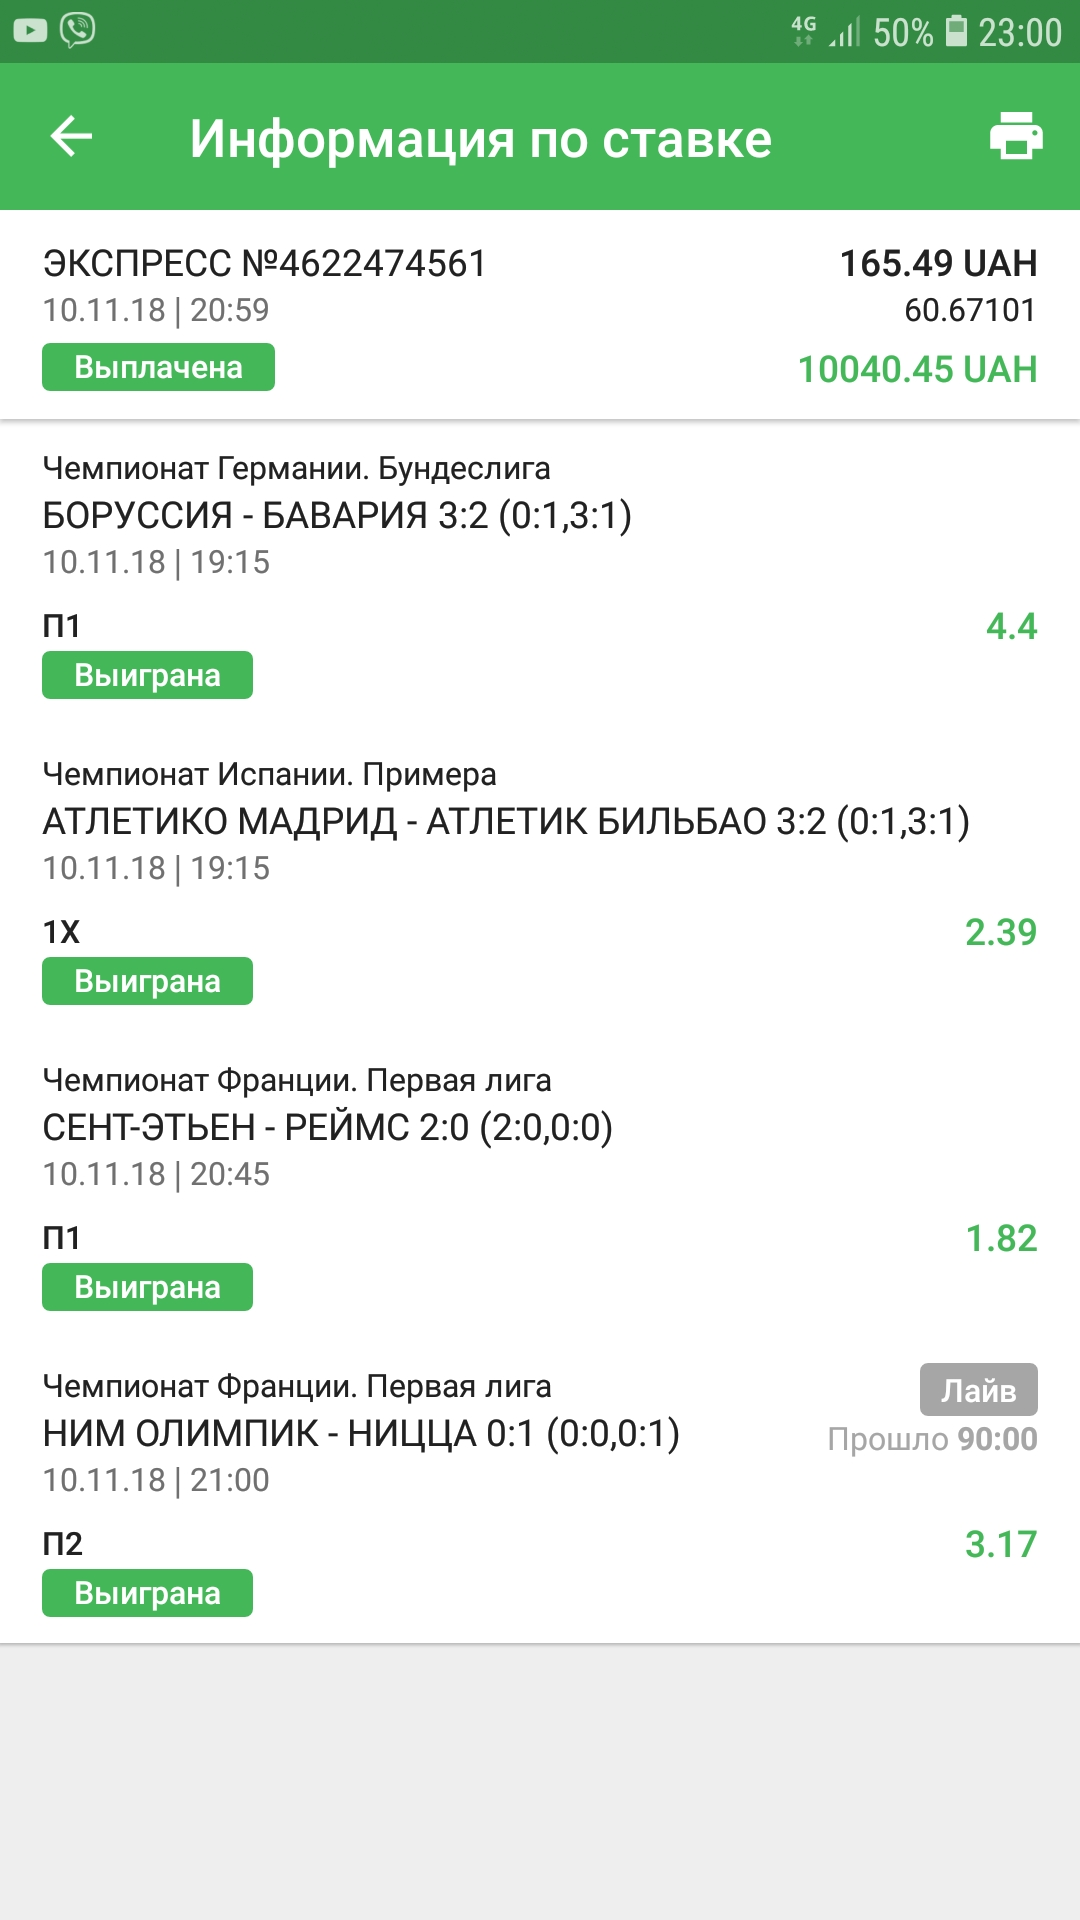 Screenshot_20181110-230044_FanSport.jpg